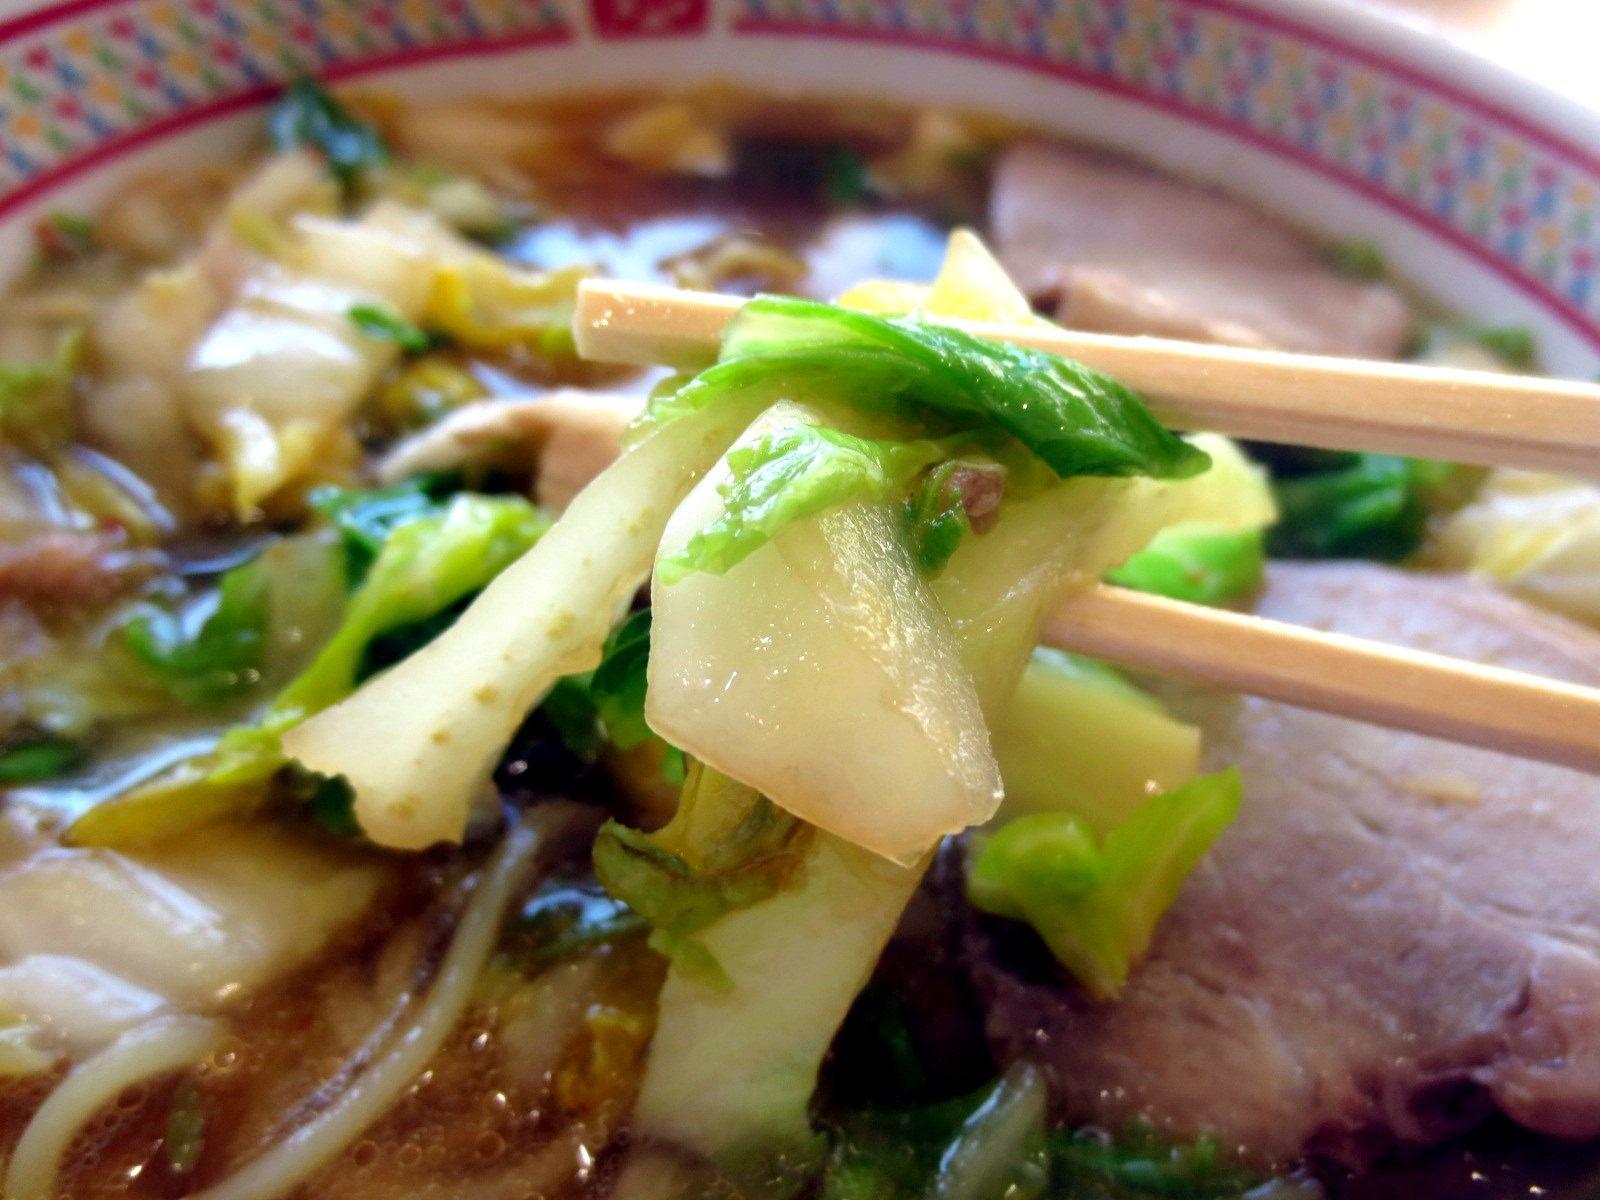 蔬菜煮得柔軟入味,非常好吃!